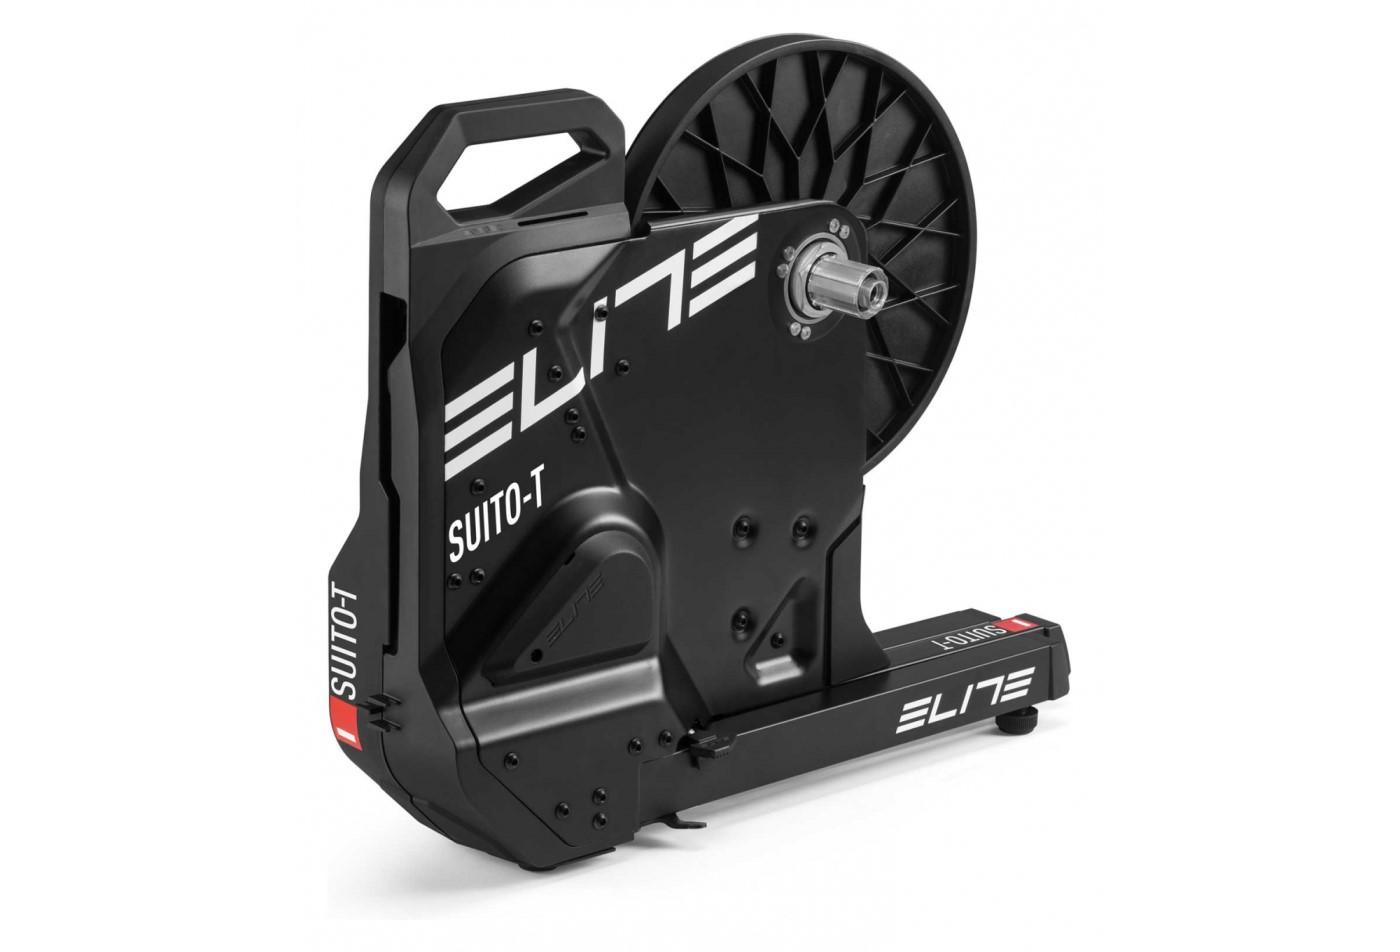 Cyklotrenažér ELITE SUITO-T 2021